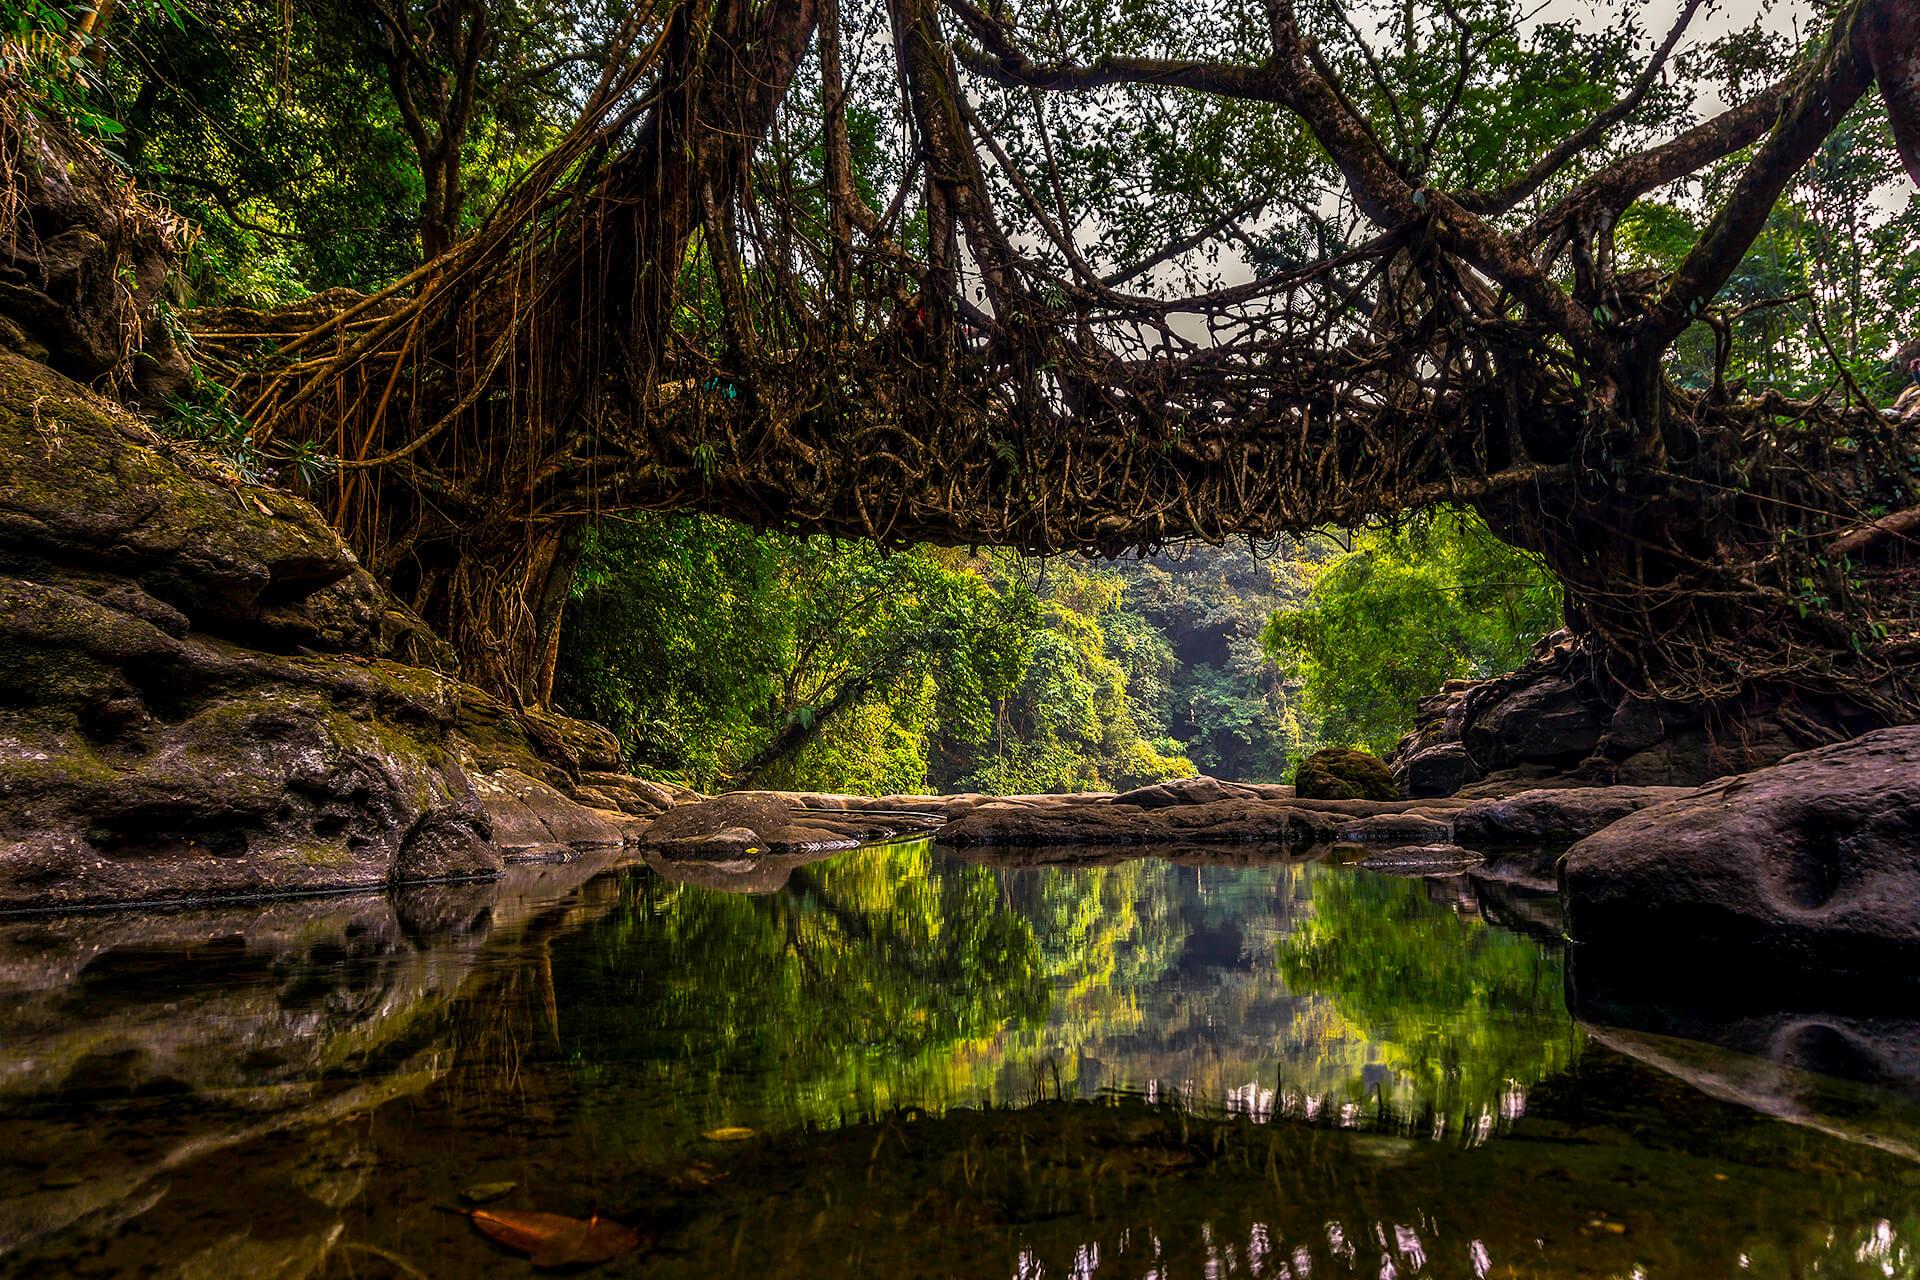 Nohwet Living Root Bridge near Mawlynnong